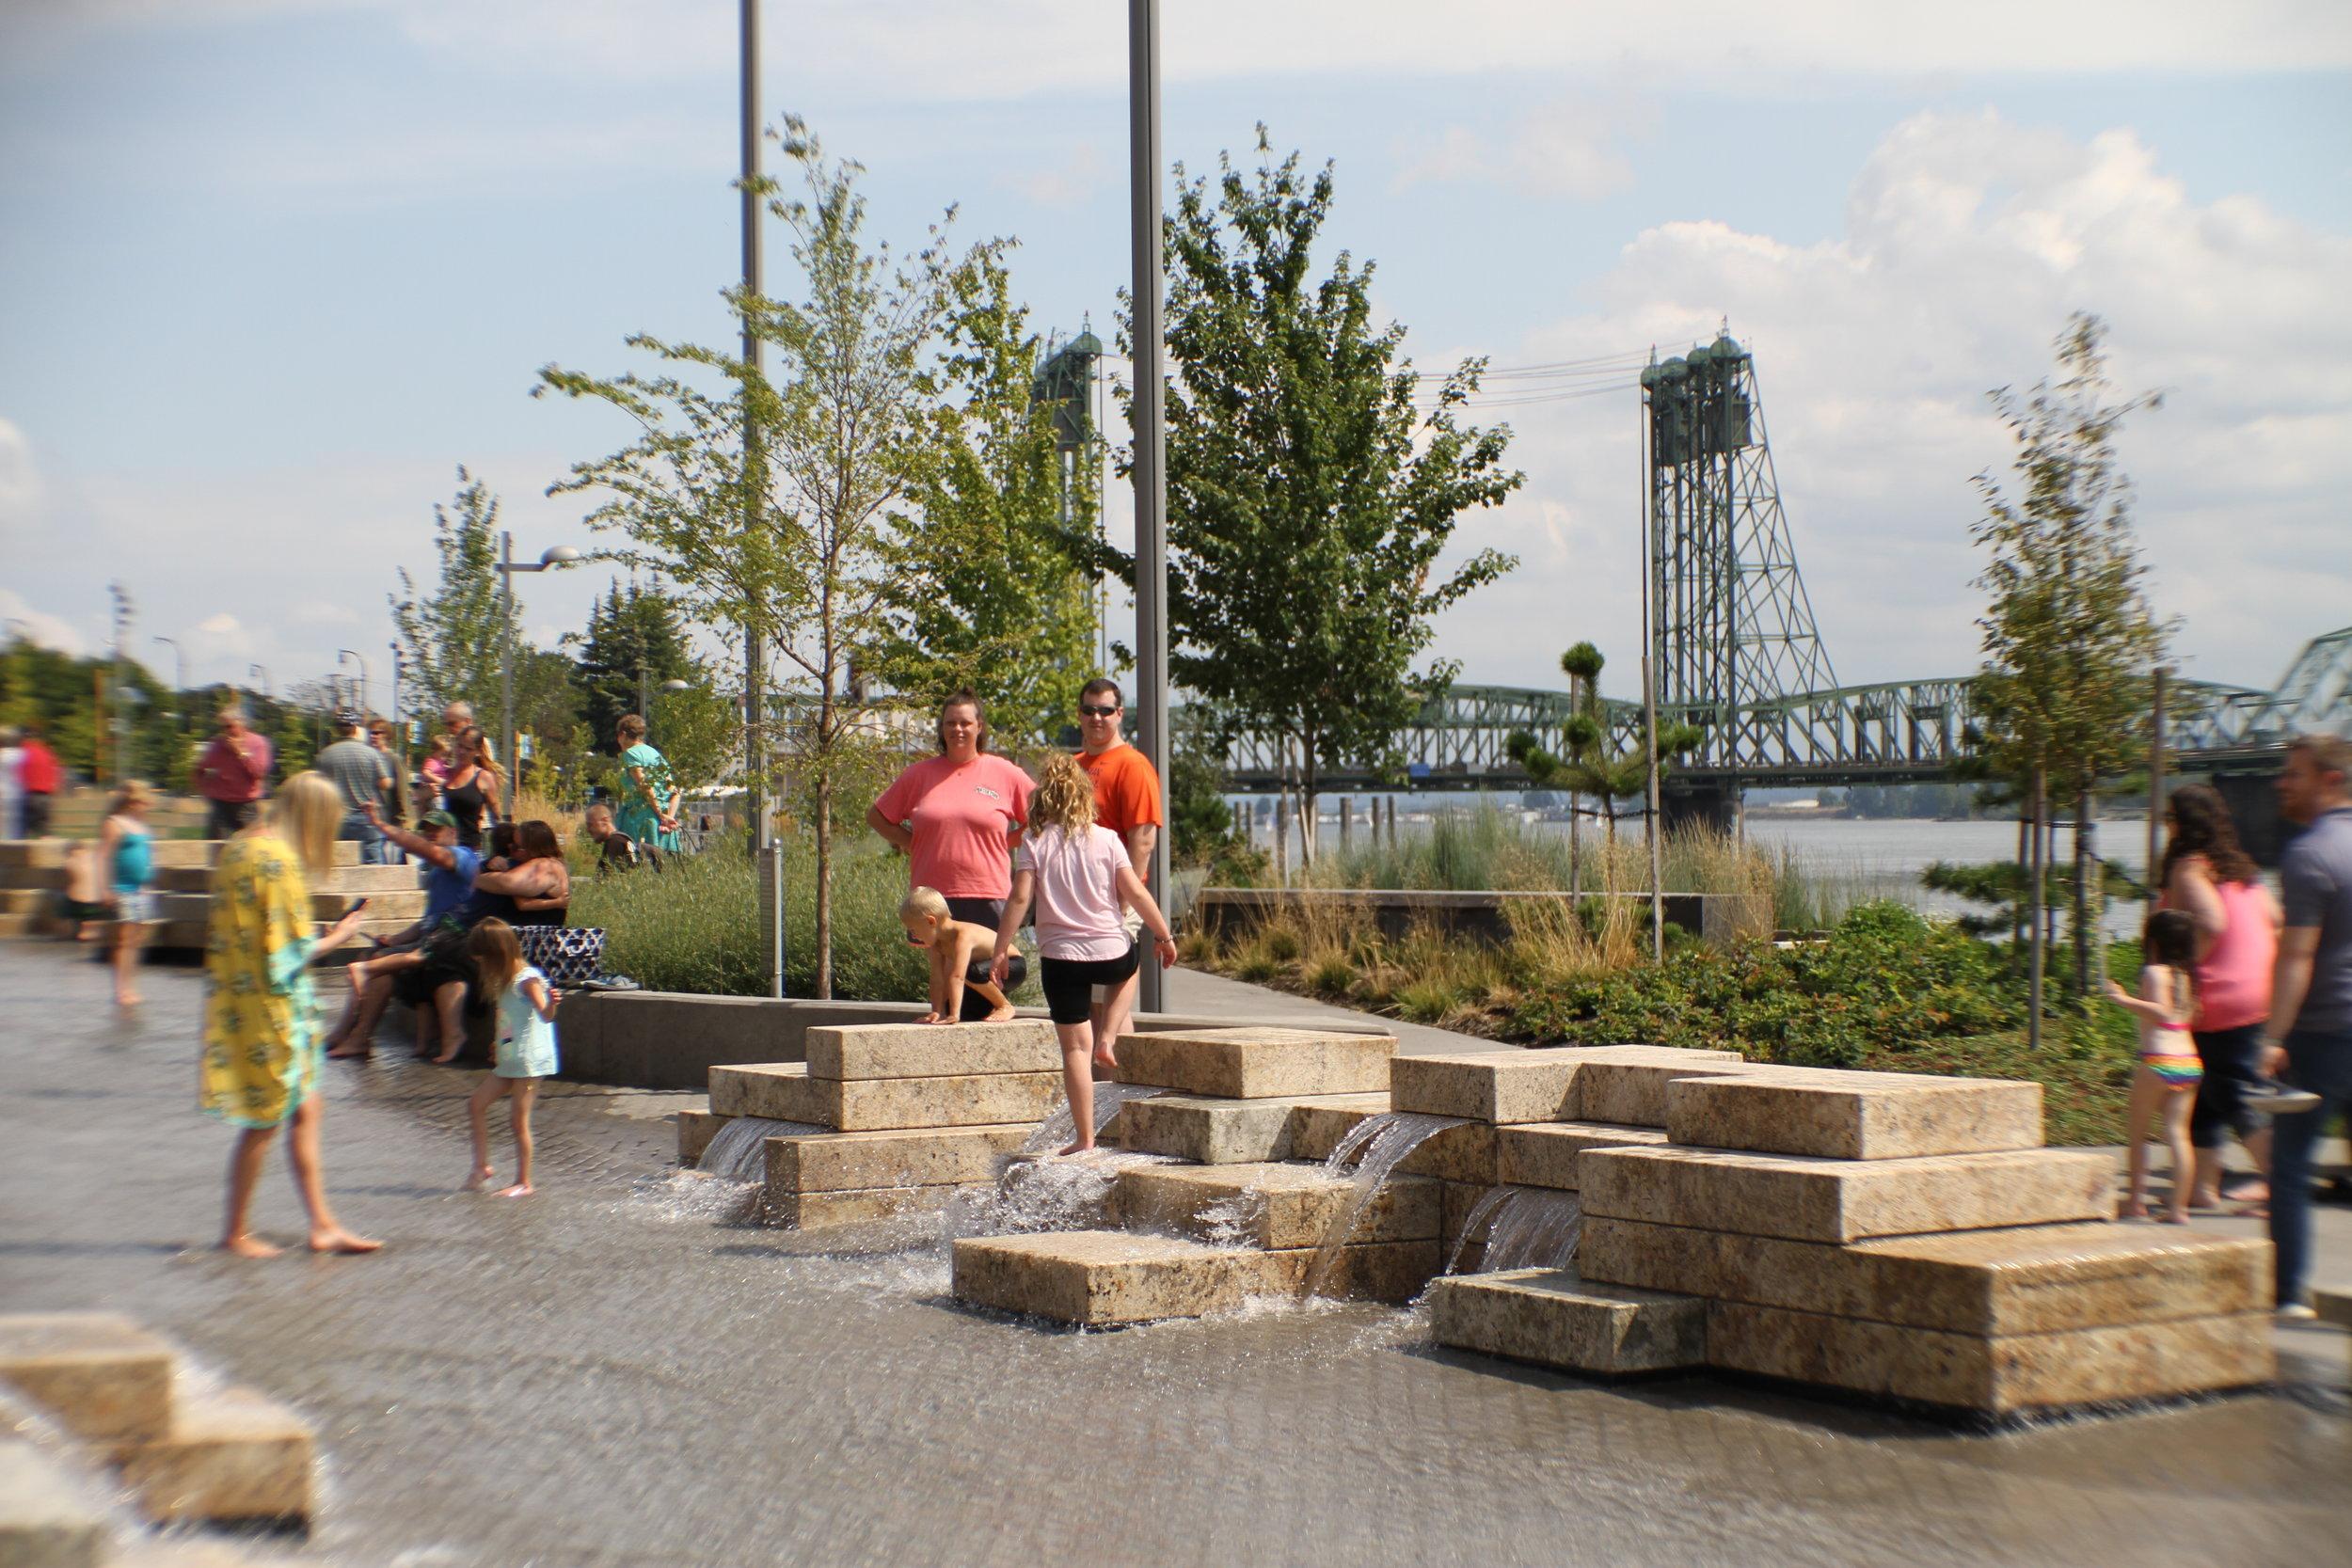 vancouver_waterfront park fountain_larry kirkland_public art services_j grant projects_27.JPG